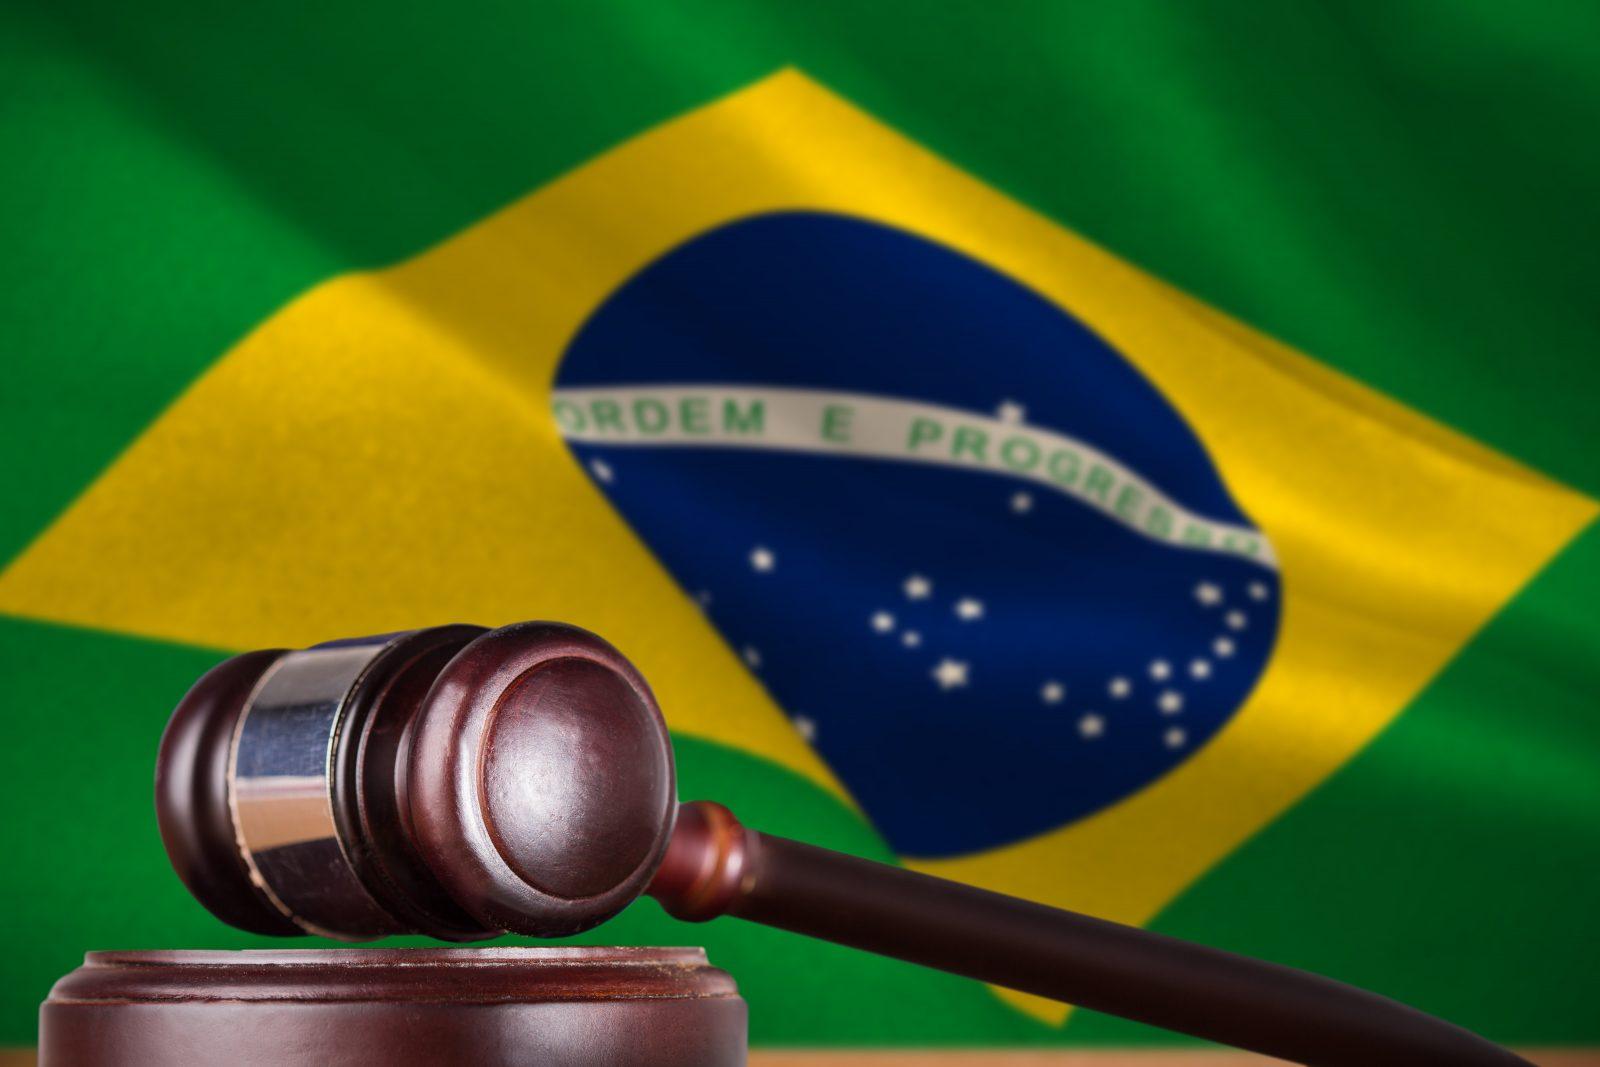 grupo bitcoin banco-datos-poder judicial-delitos financieros-criptomonedas-bitcoin